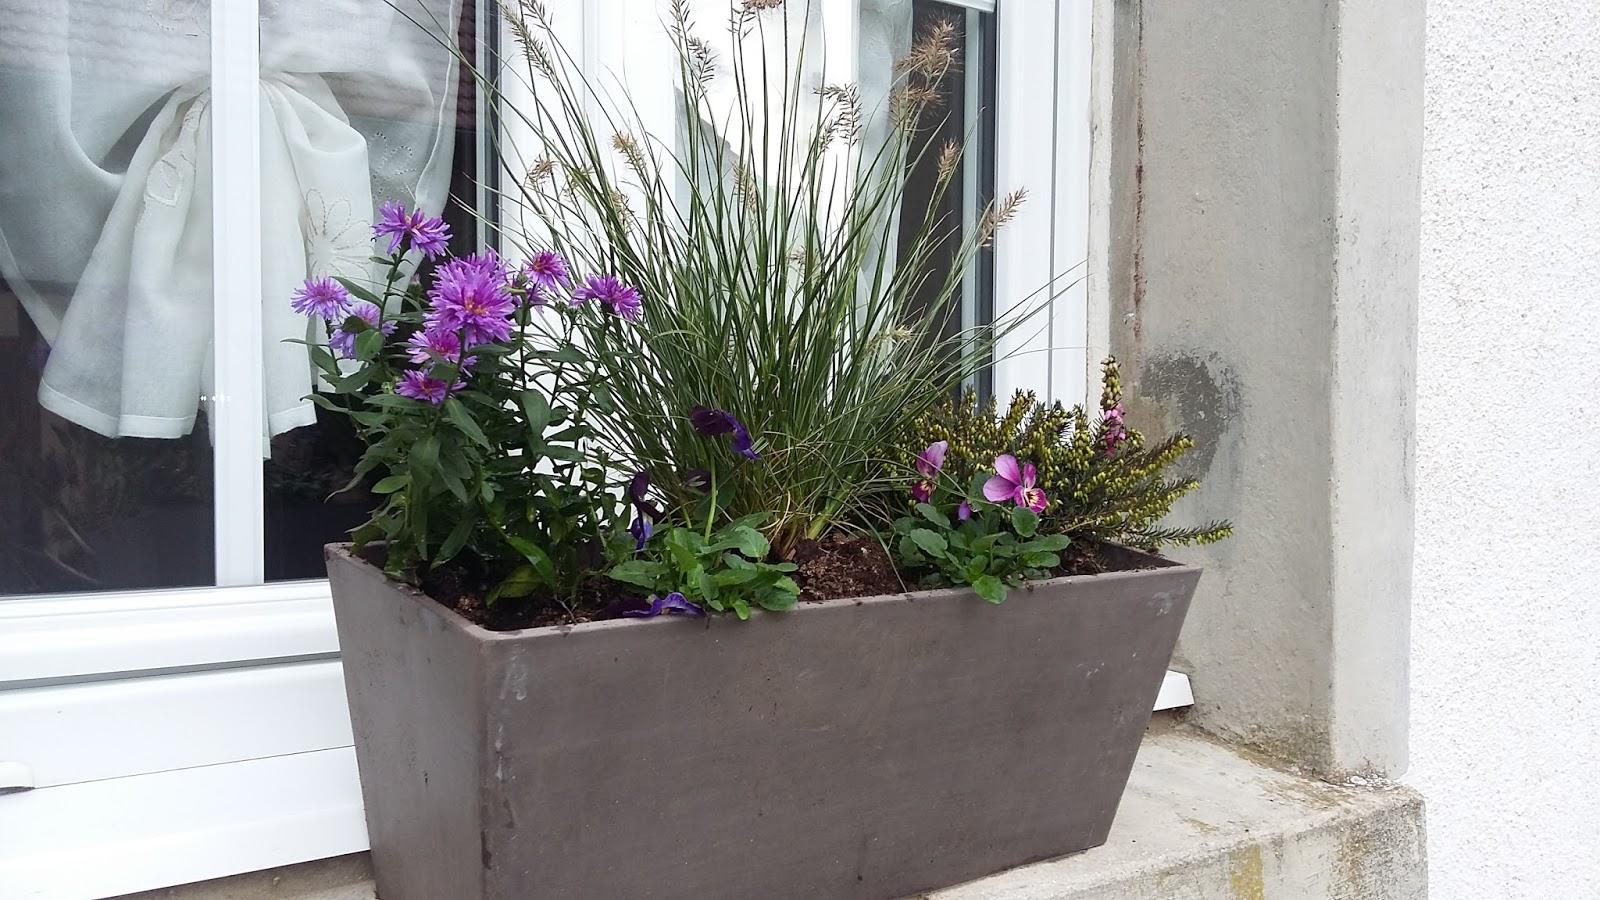 jardiniere d automne comment r aliser une jardini re d 39 automne femme actuelle du treillis. Black Bedroom Furniture Sets. Home Design Ideas